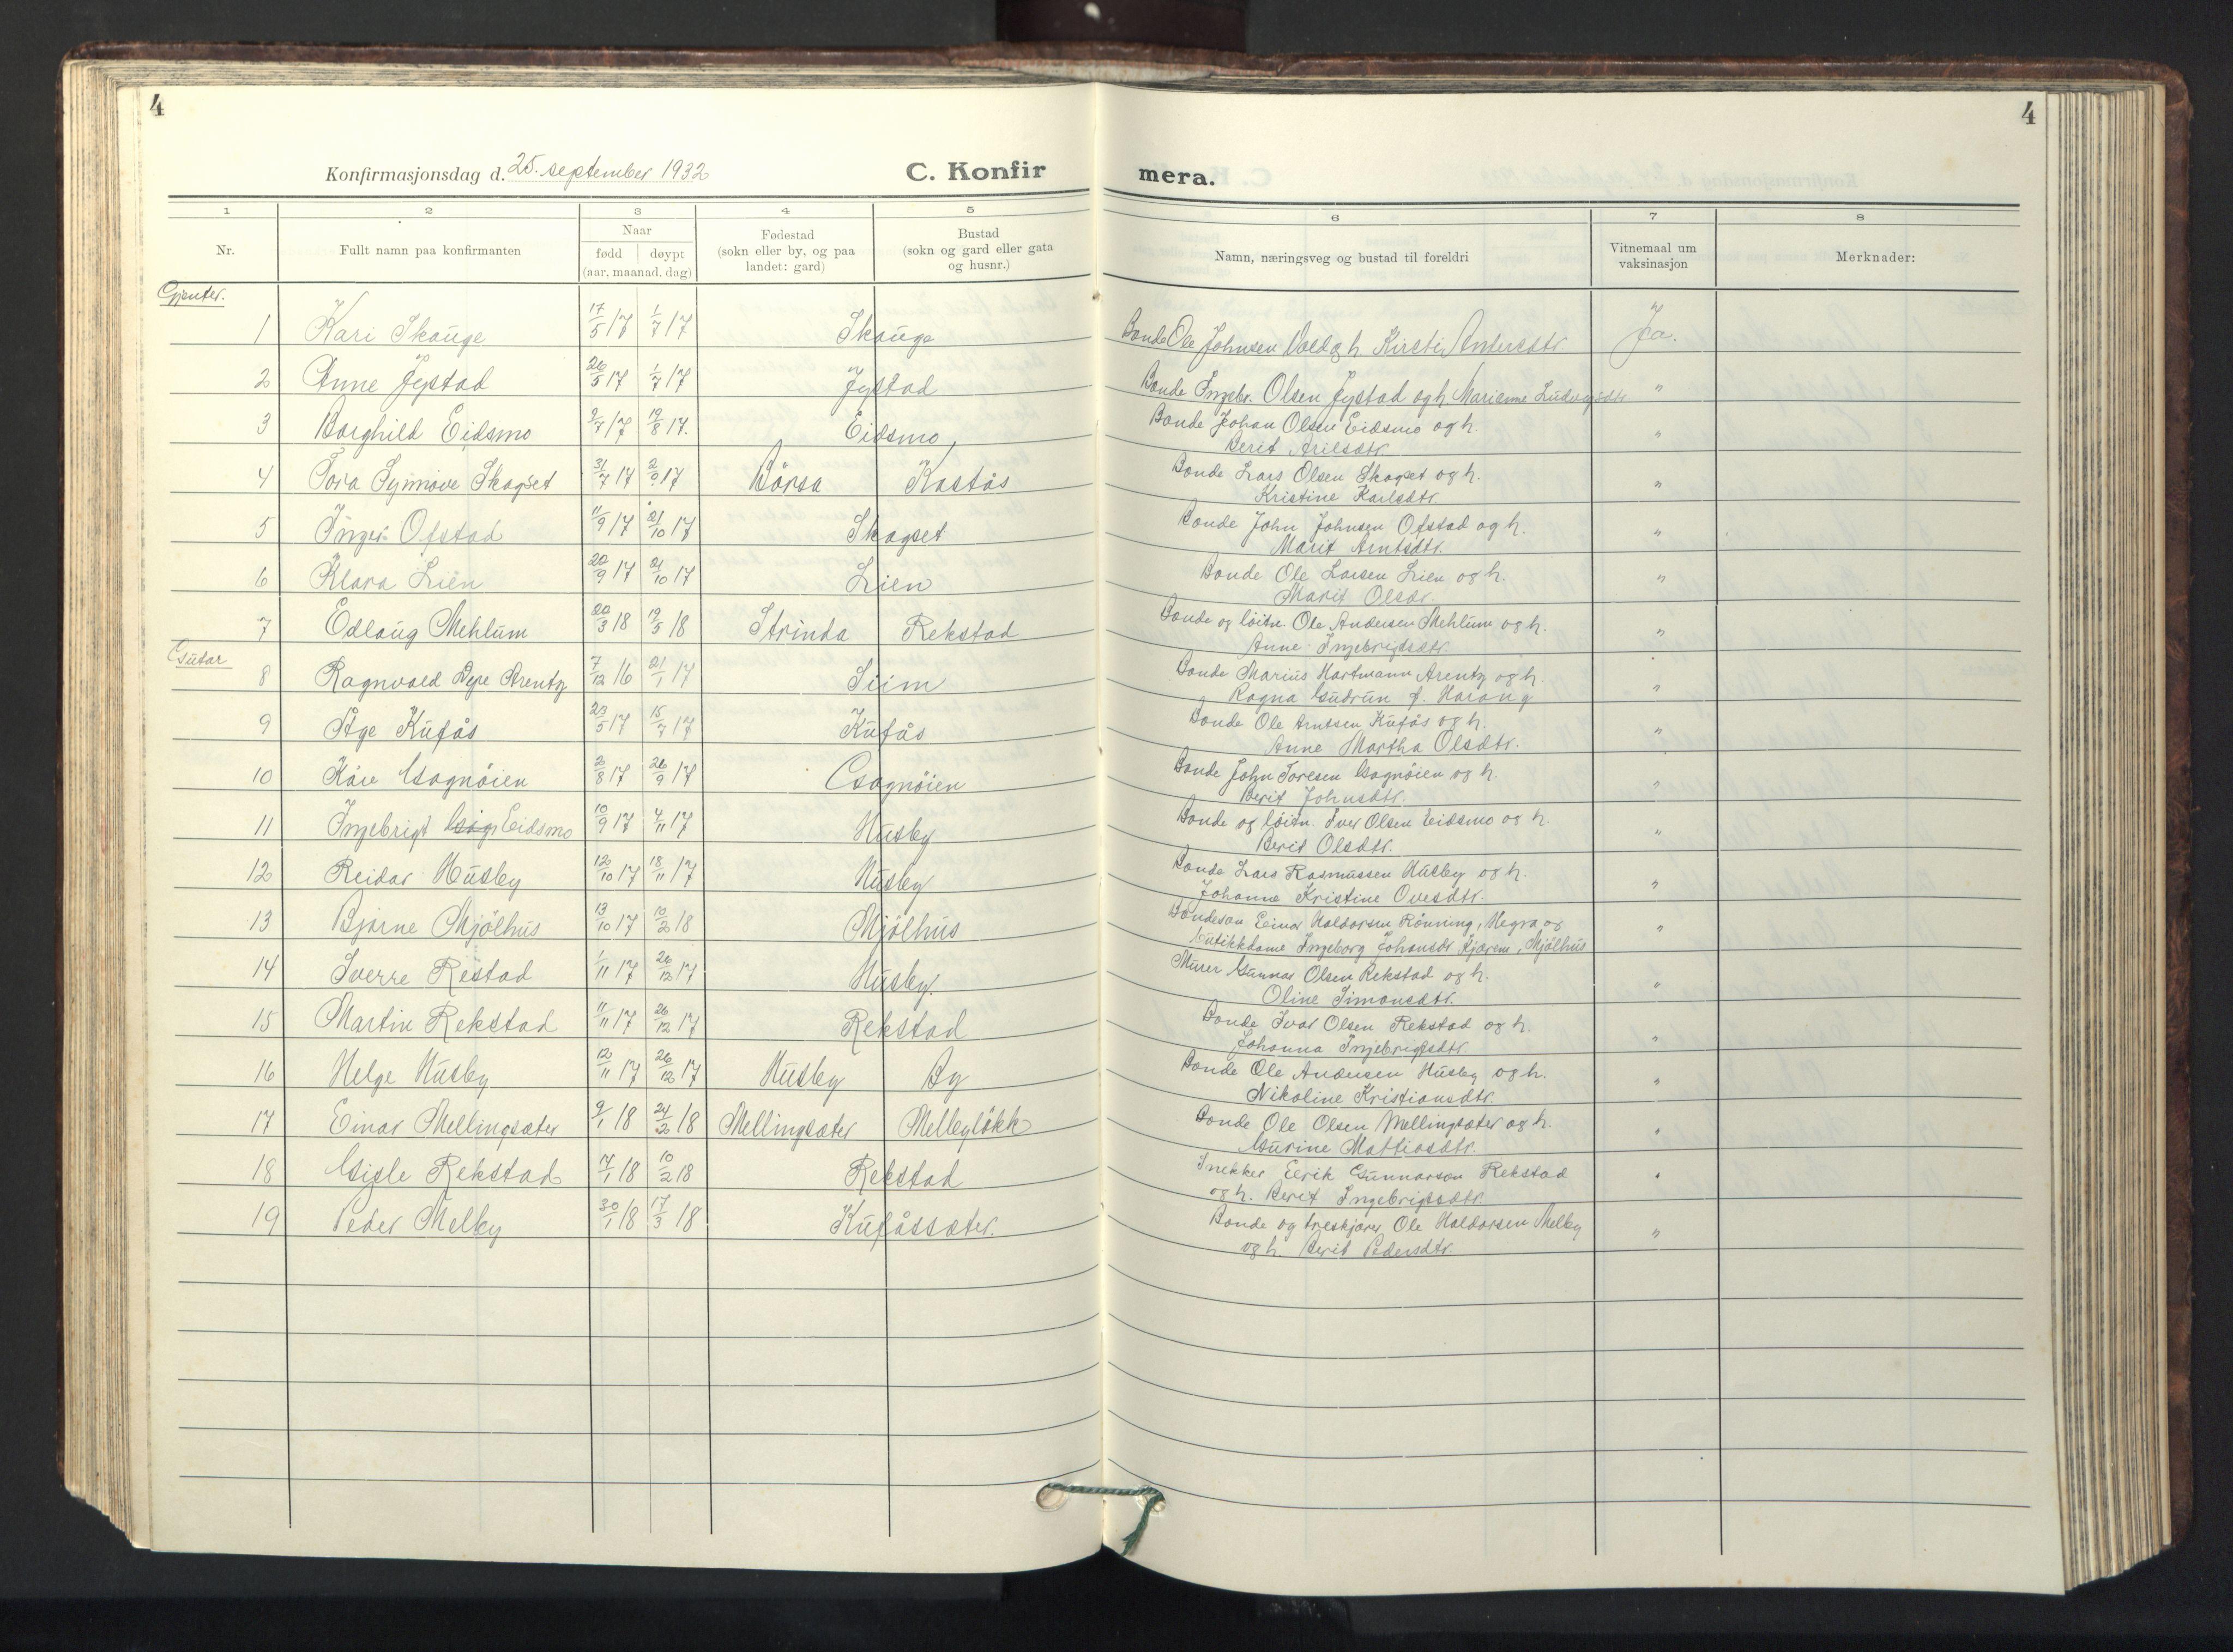 SAT, Ministerialprotokoller, klokkerbøker og fødselsregistre - Sør-Trøndelag, 667/L0799: Klokkerbok nr. 667C04, 1929-1950, s. 4